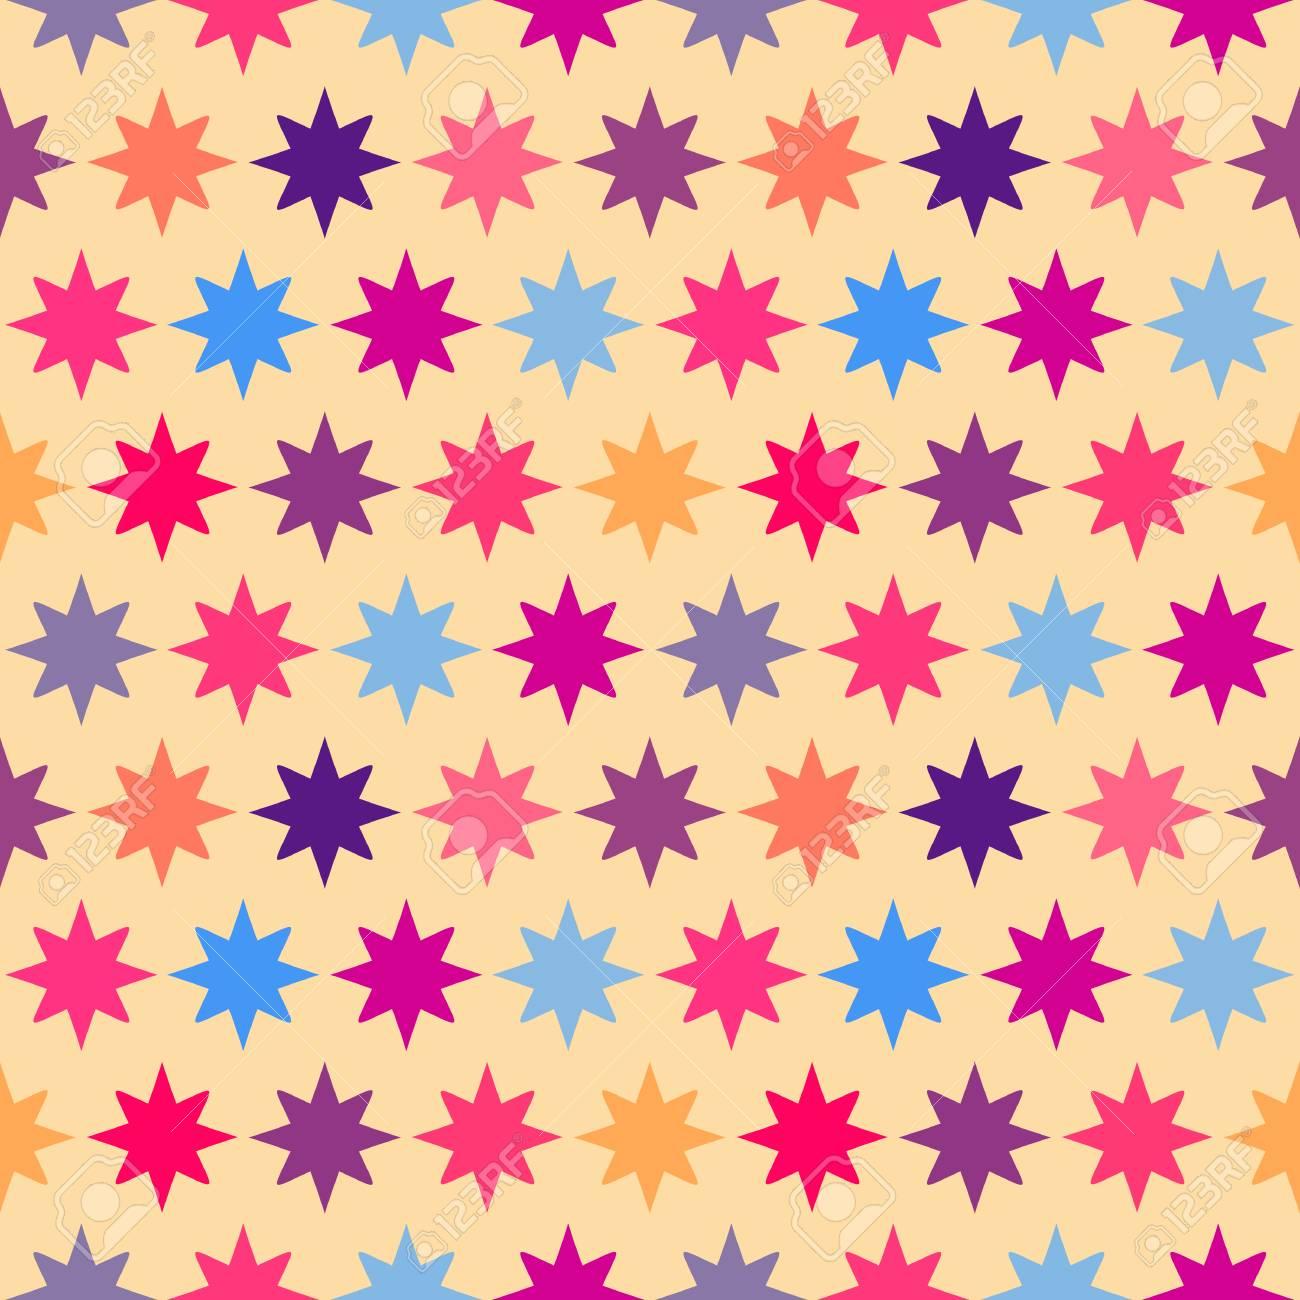 レトロなカラフルな星のシームレスなパターン 休日の子供の背景の